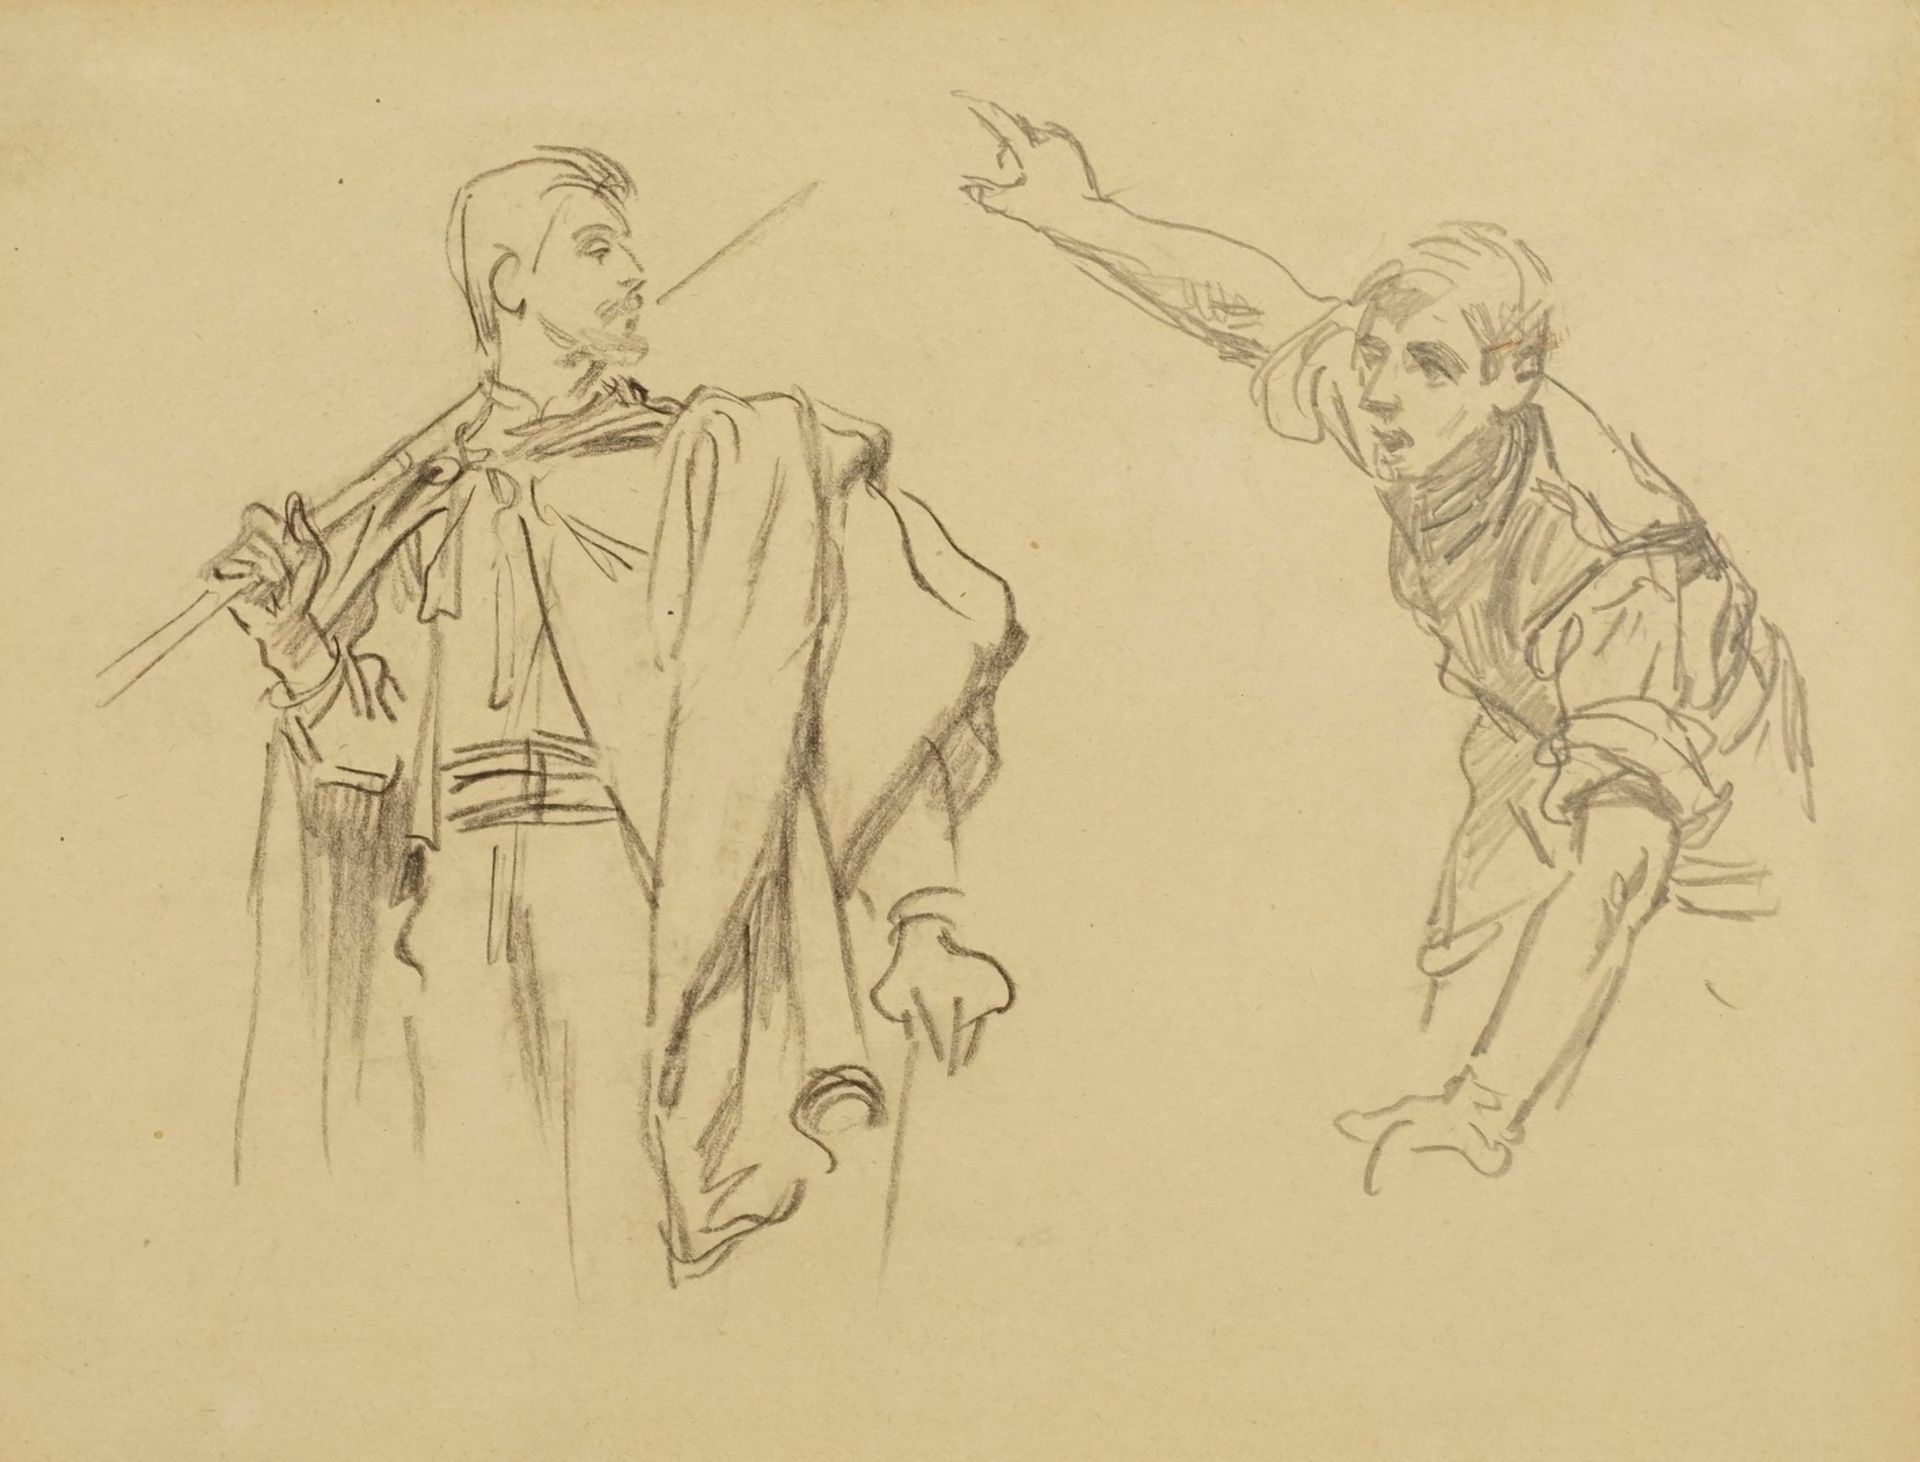 Unbekannter Zeichner, Zwei männliche Figurenstudien